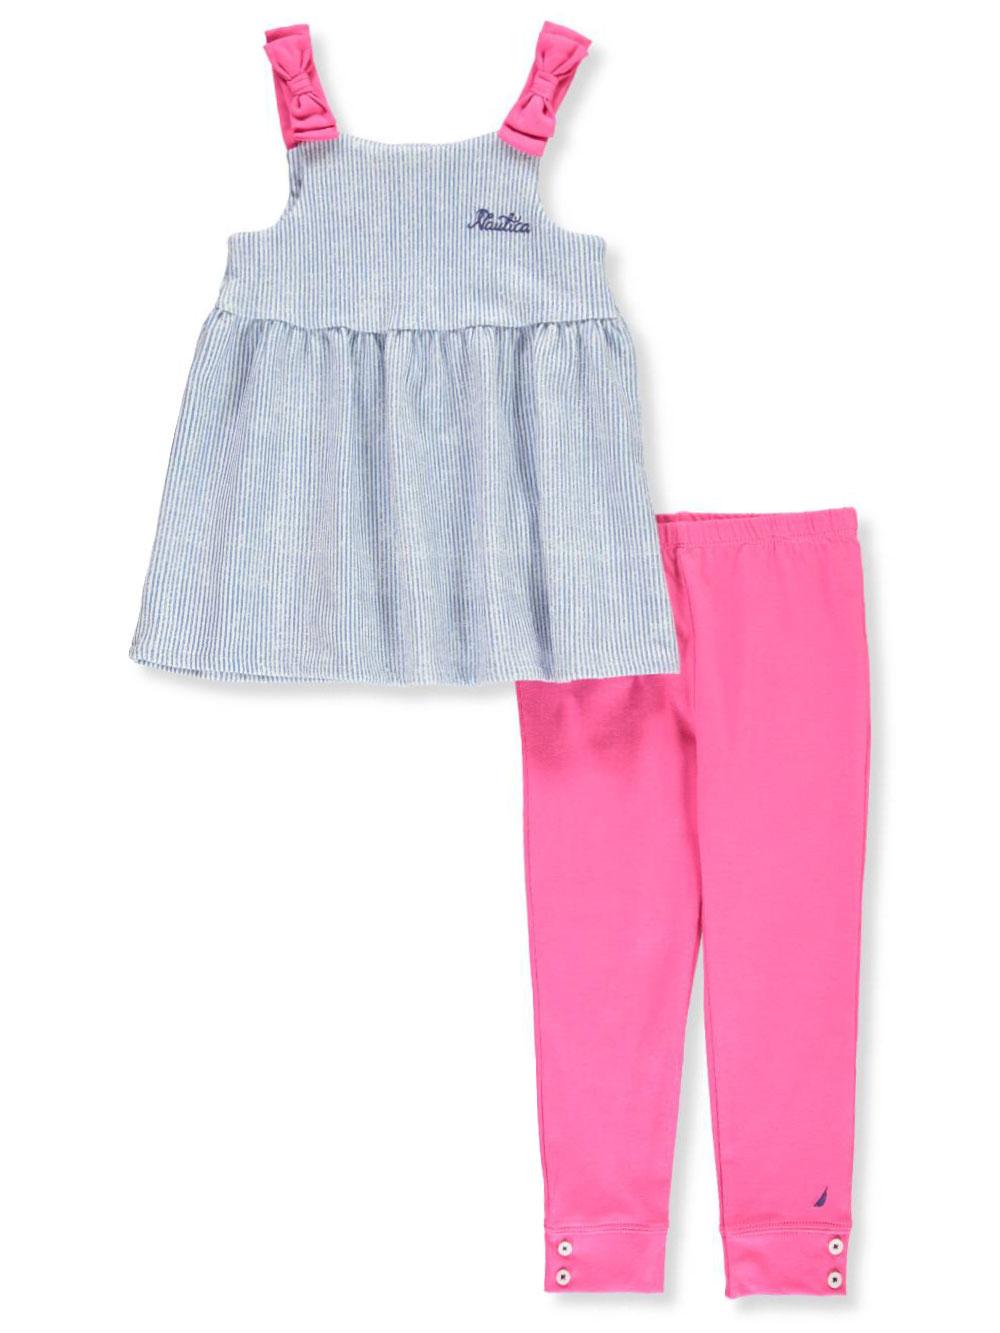 487df5efe8620 Nautica Girls' 2-Piece Leggings Set Outfit